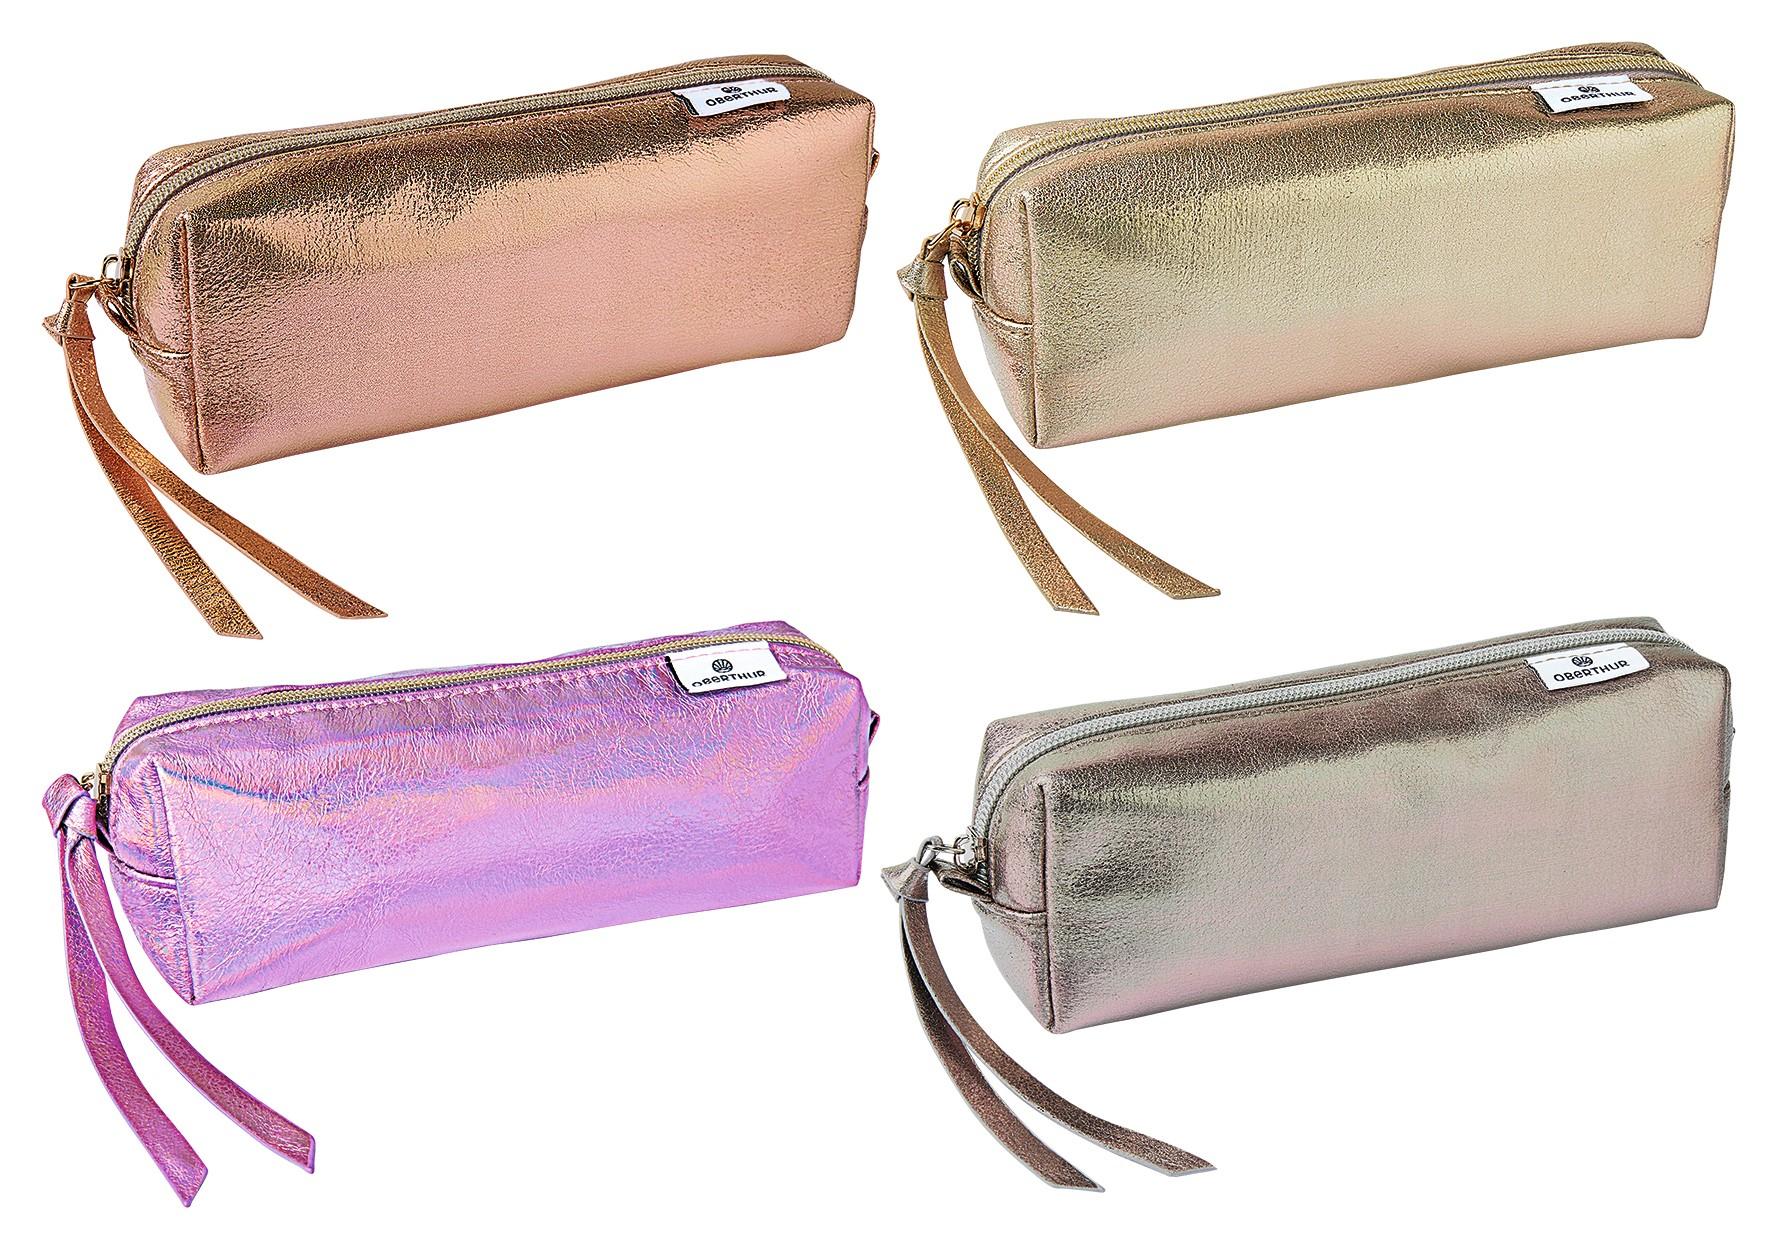 Trousse rectangulaire Colors Lady - 1 compartiment - 4 coloris disponibles - Oberthur